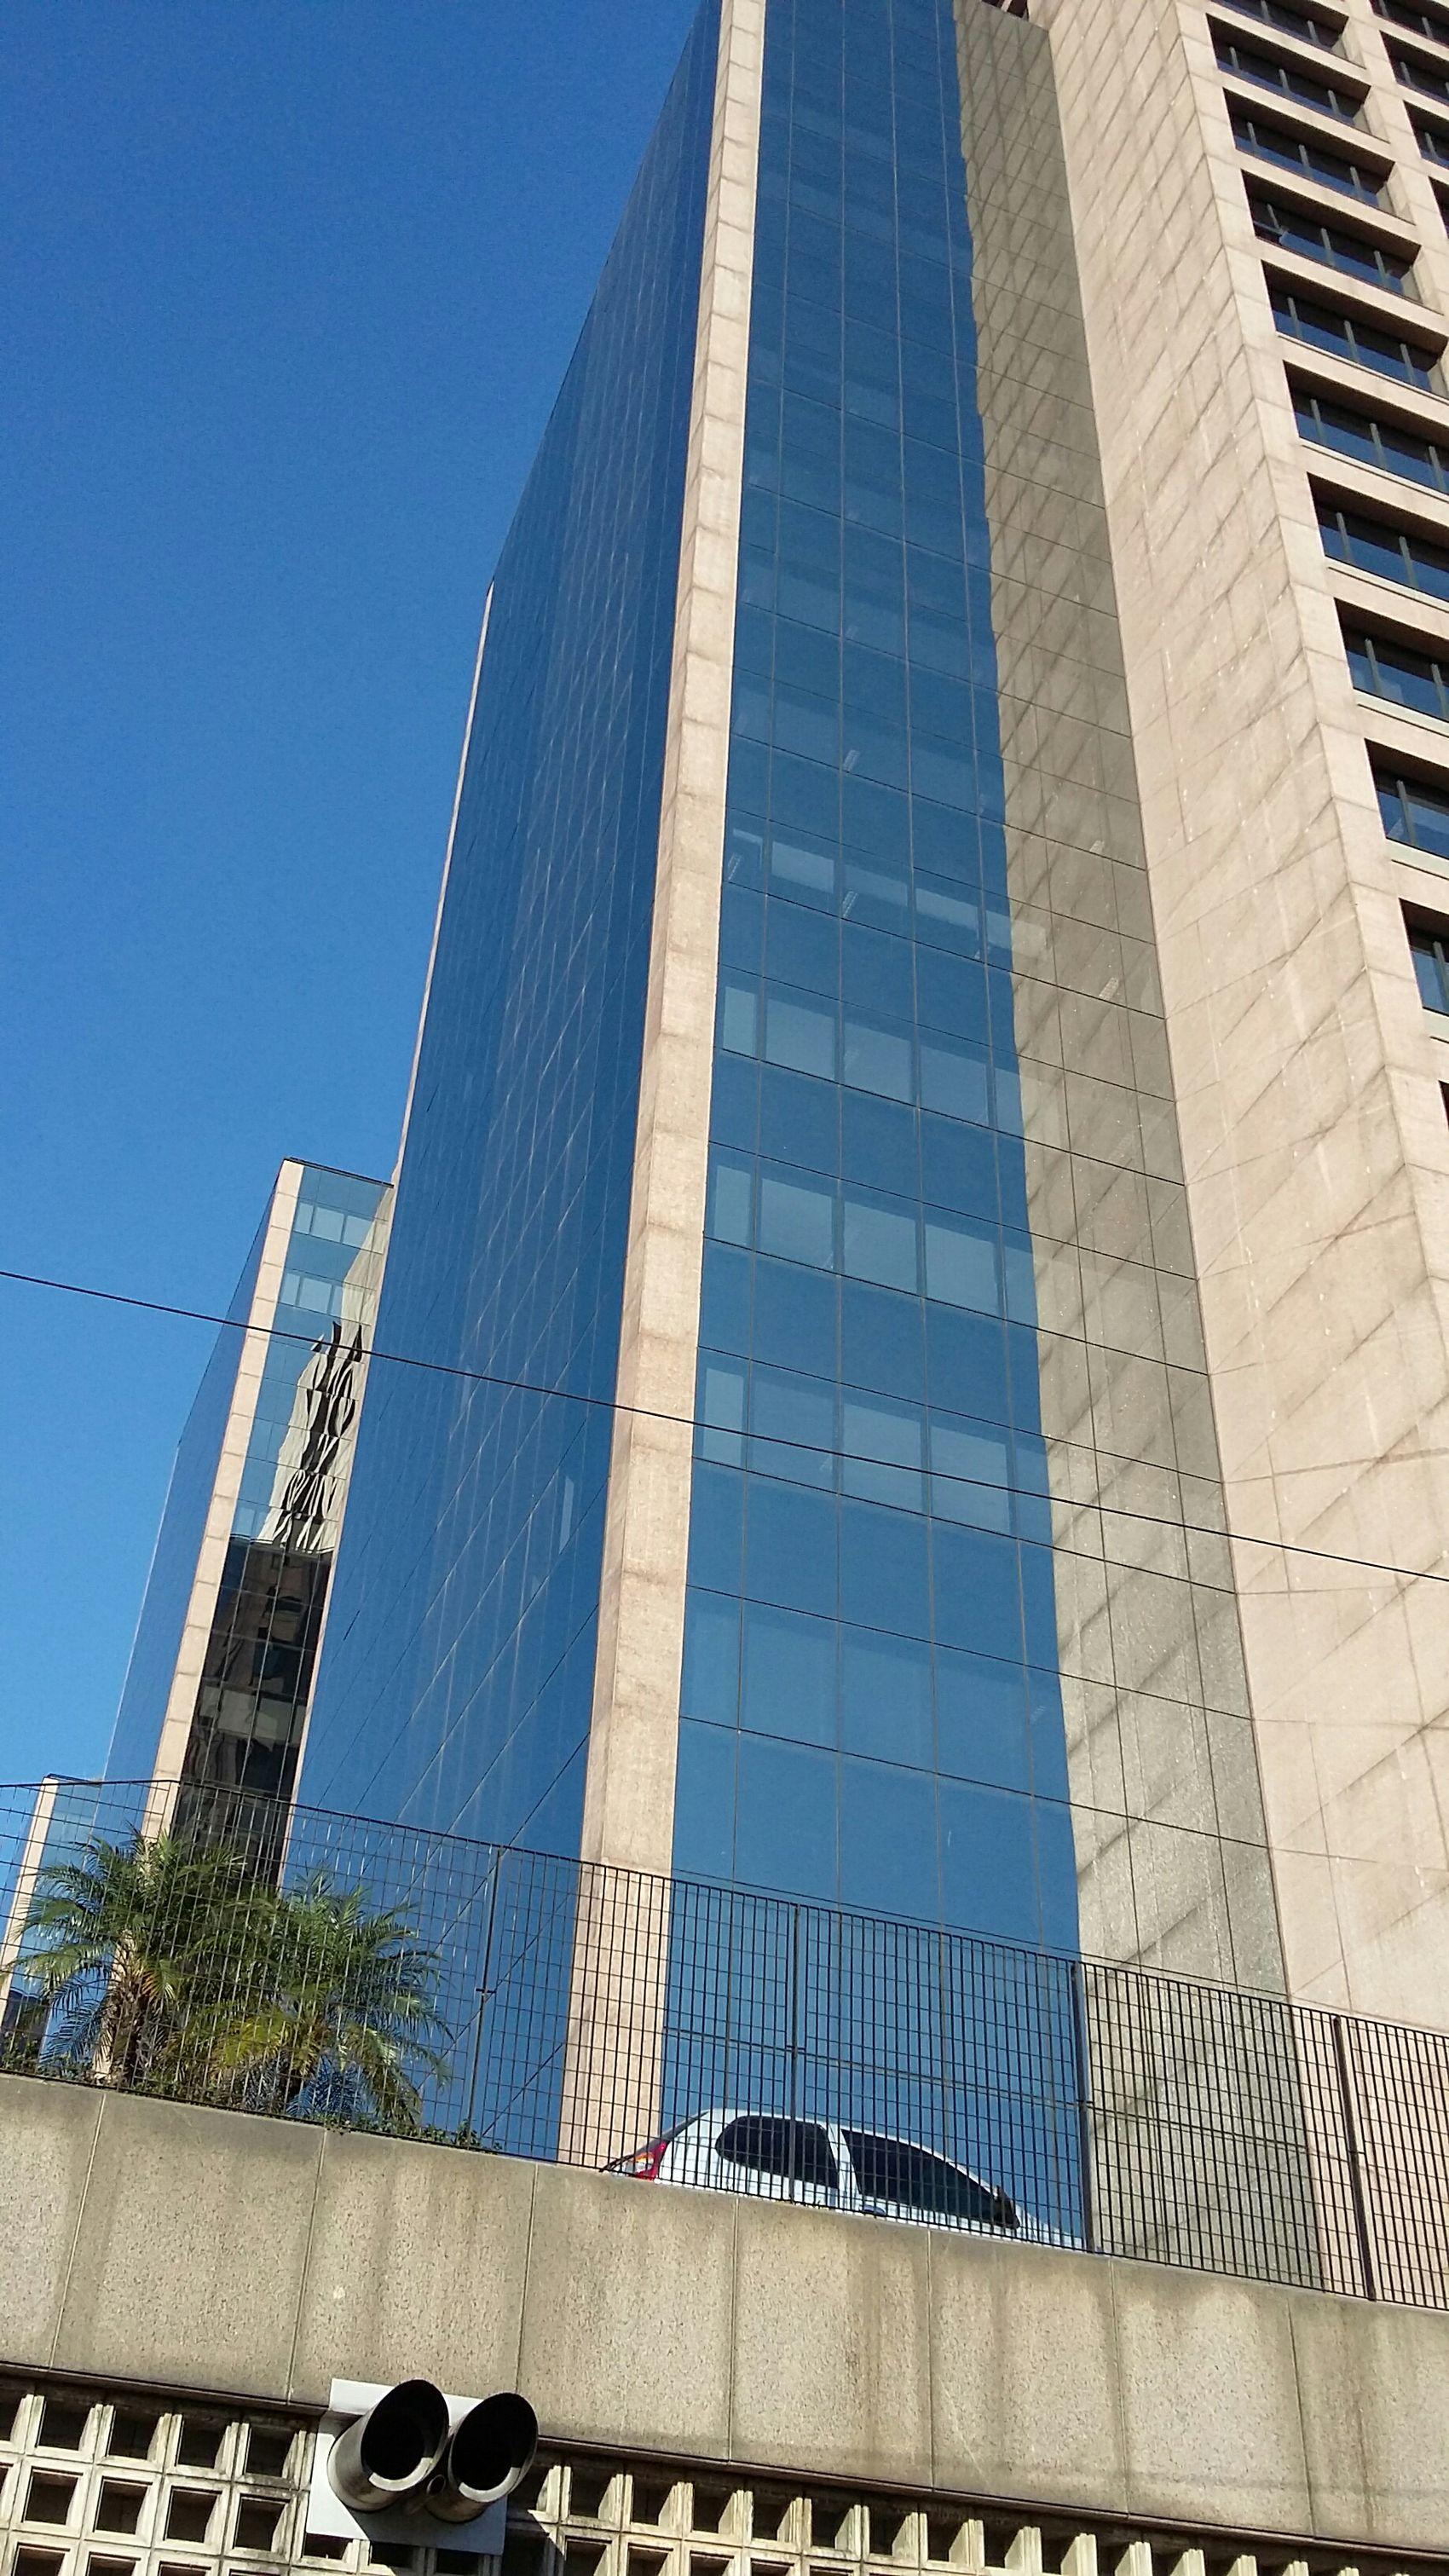 Edifício Street Sao Paulo - Brazil build Buildings & Sky